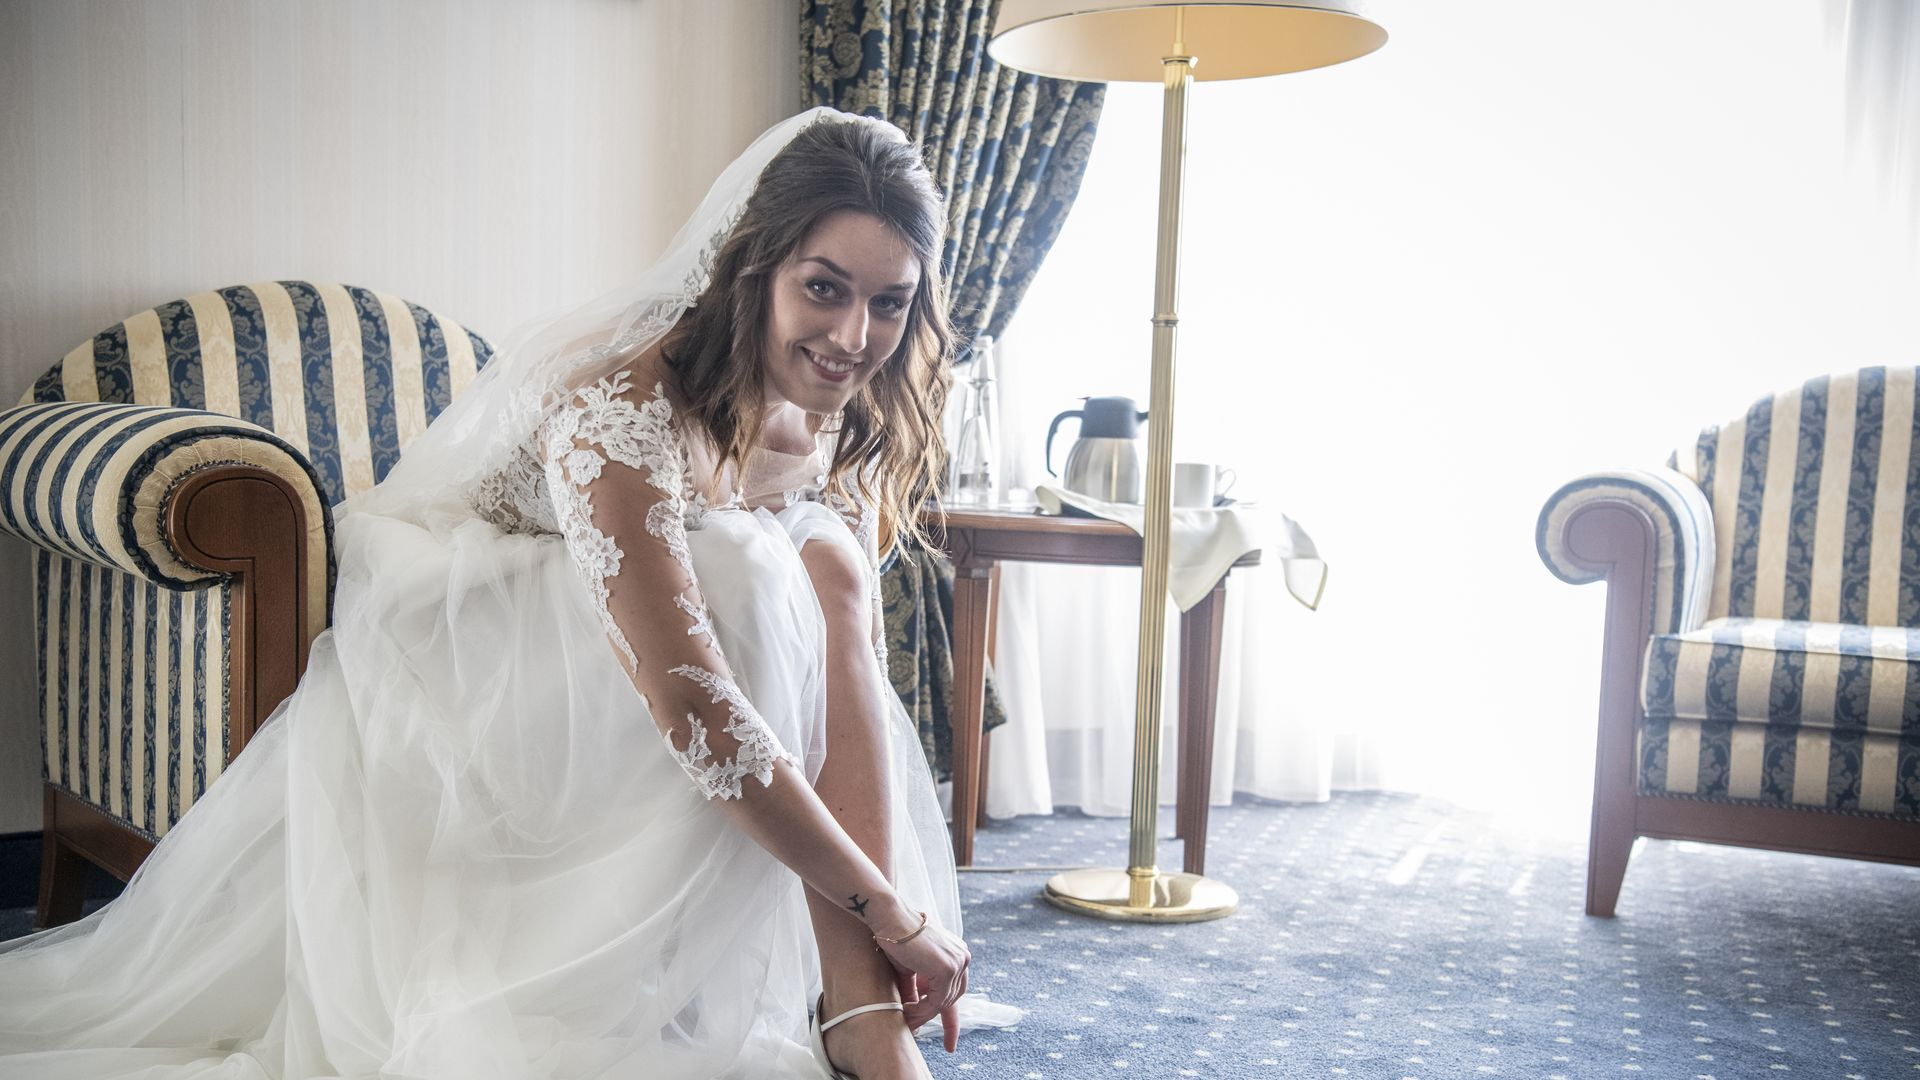 Dieses-Hochzeit-auf-ersten-Blick-Kleid-ist-euer-Favorit